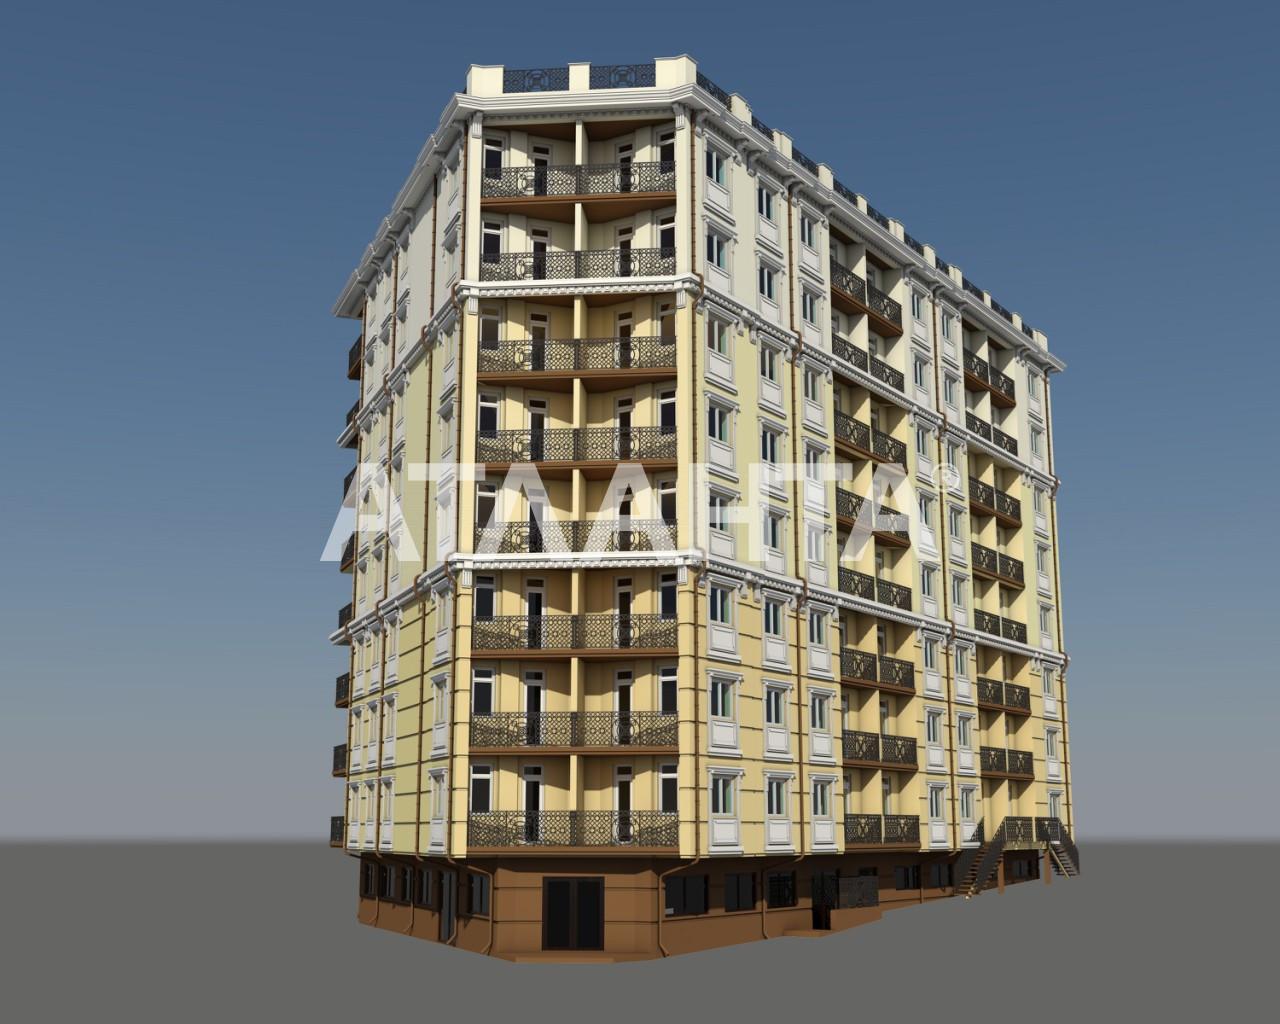 Продается 1-комнатная Квартира на ул. Новосельского (Островидова) — 54 290 у.е.